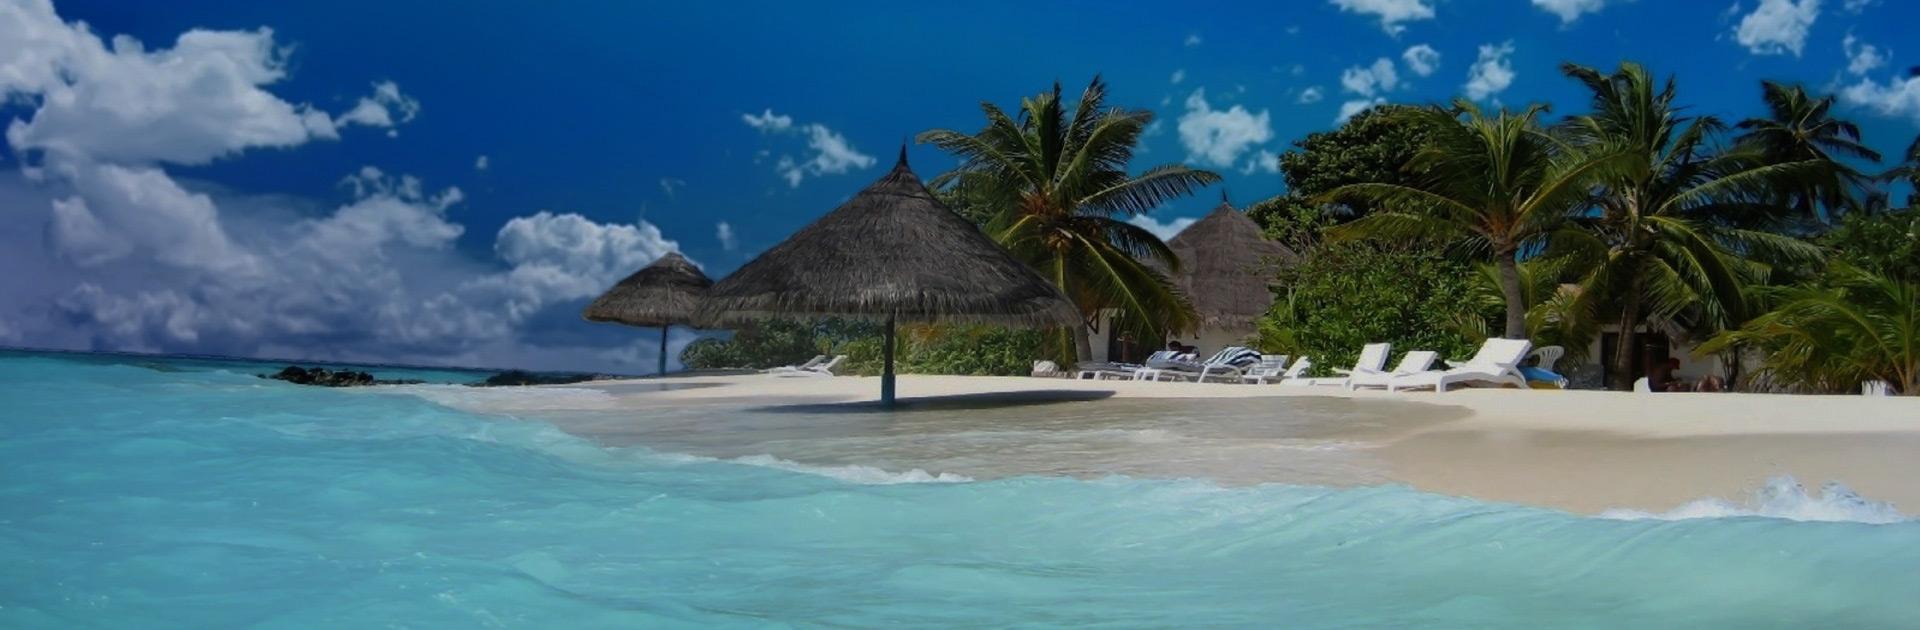 LKMV Luna de Miel Sri Lanka y Maldivas 14 días 4